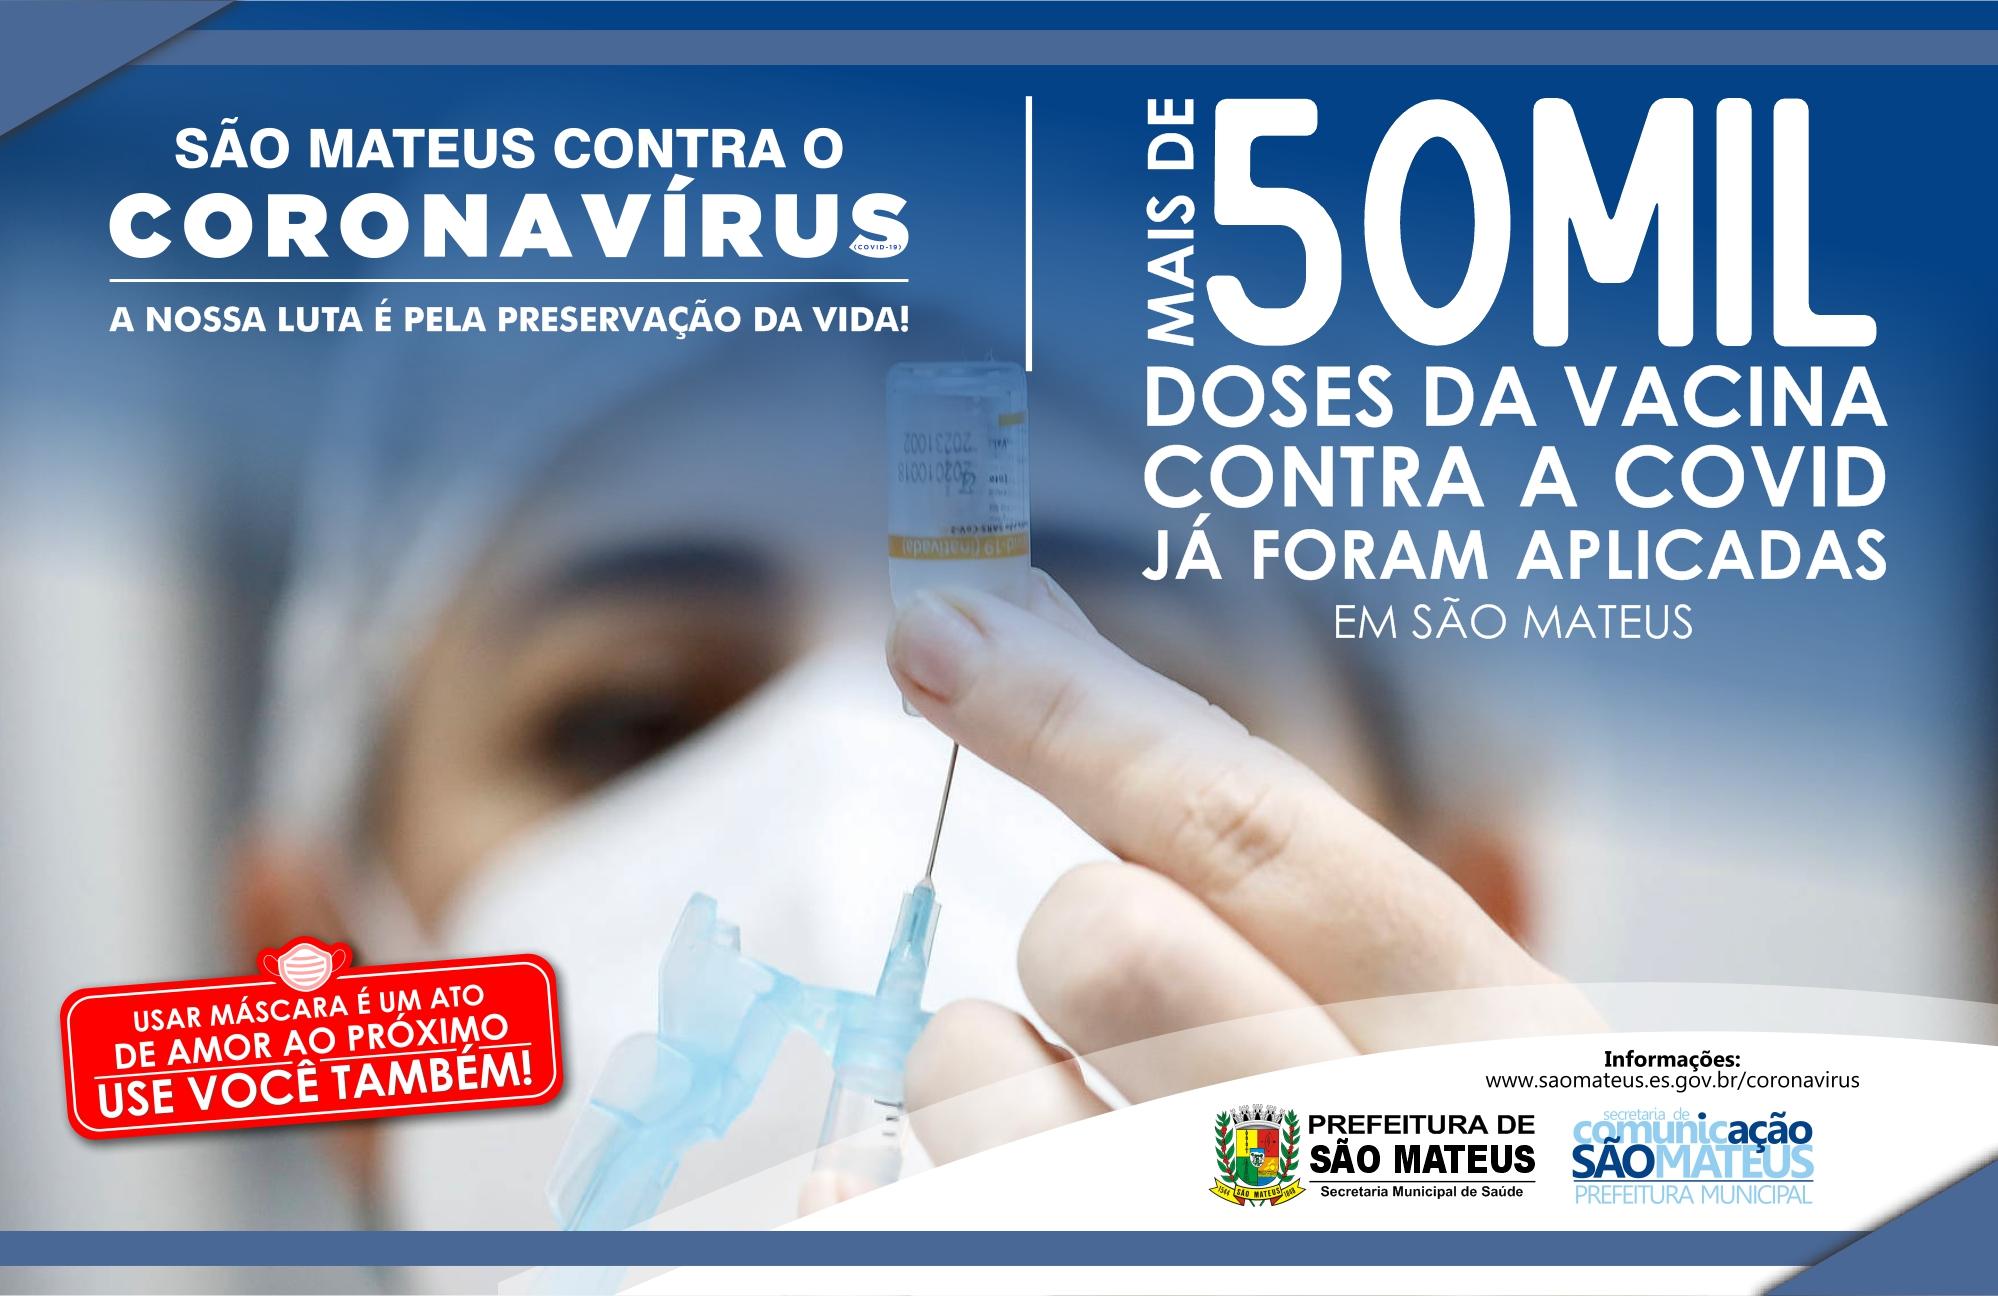 MAIS DE 50.000 DOSES DA VACINA CONTRA A COVID JÁ FORAM APLICADAS EM SÃO MATEUS